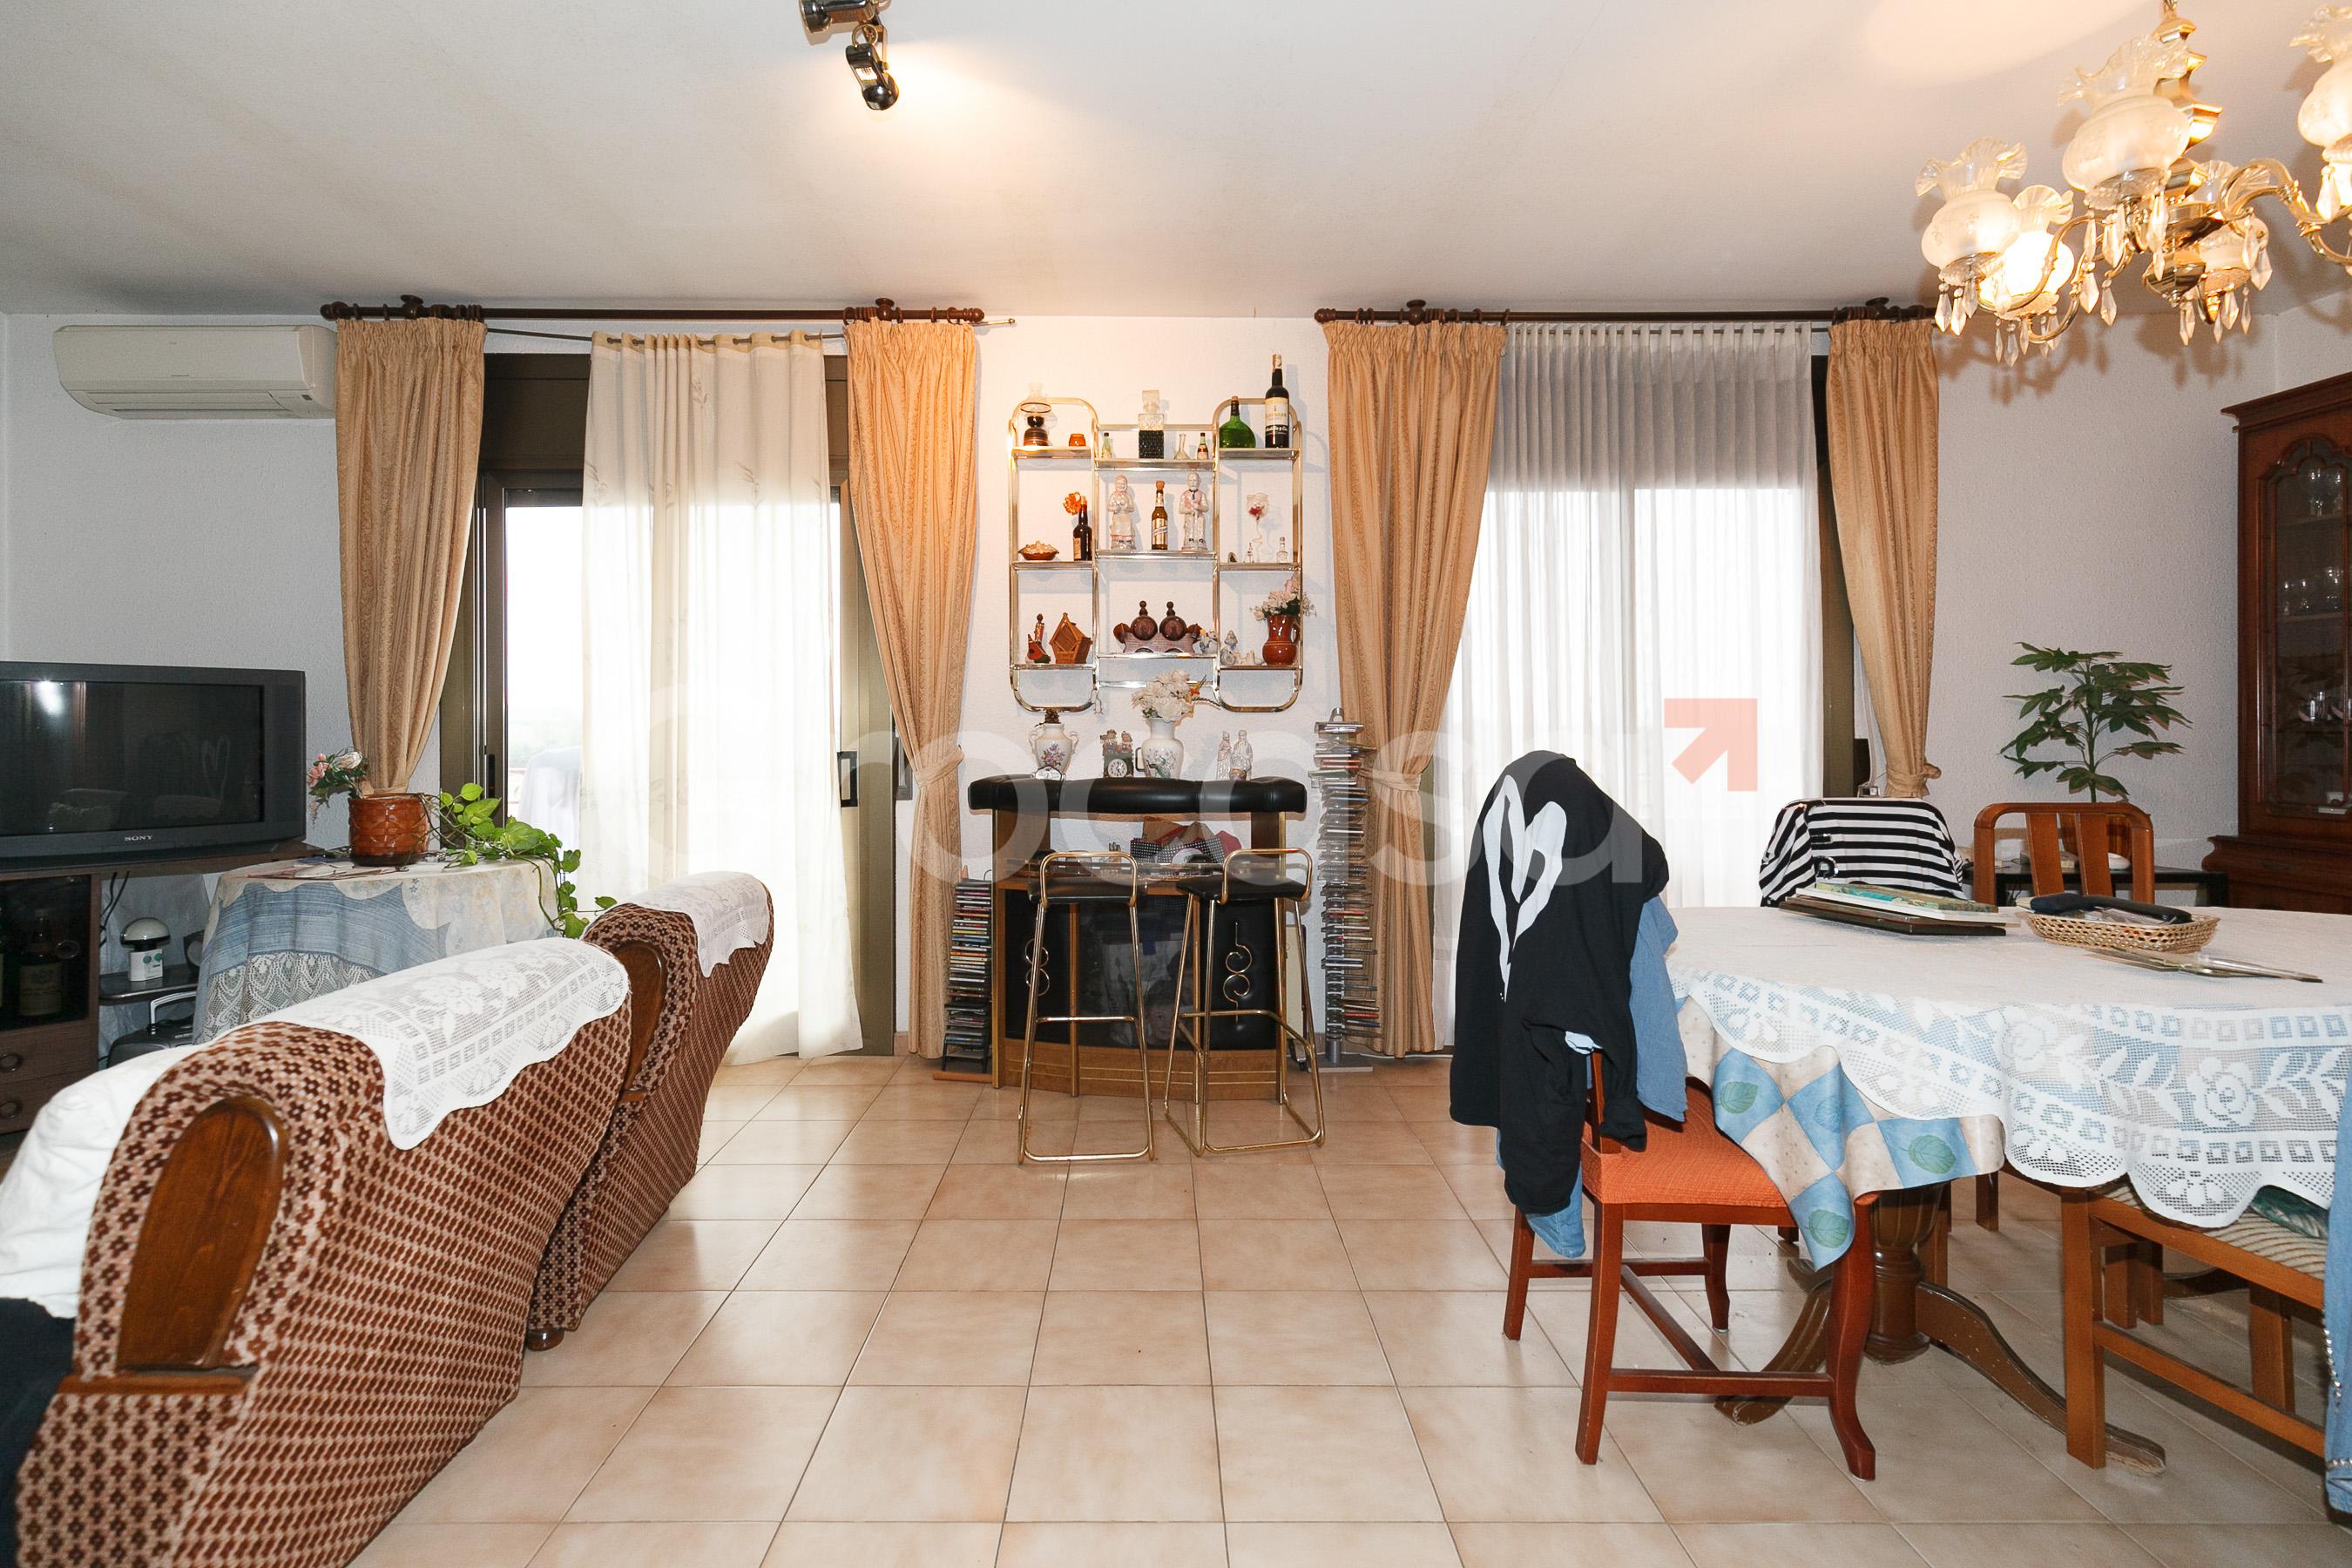 Casa en Banyeres del Penedès en Venta por 195.000€